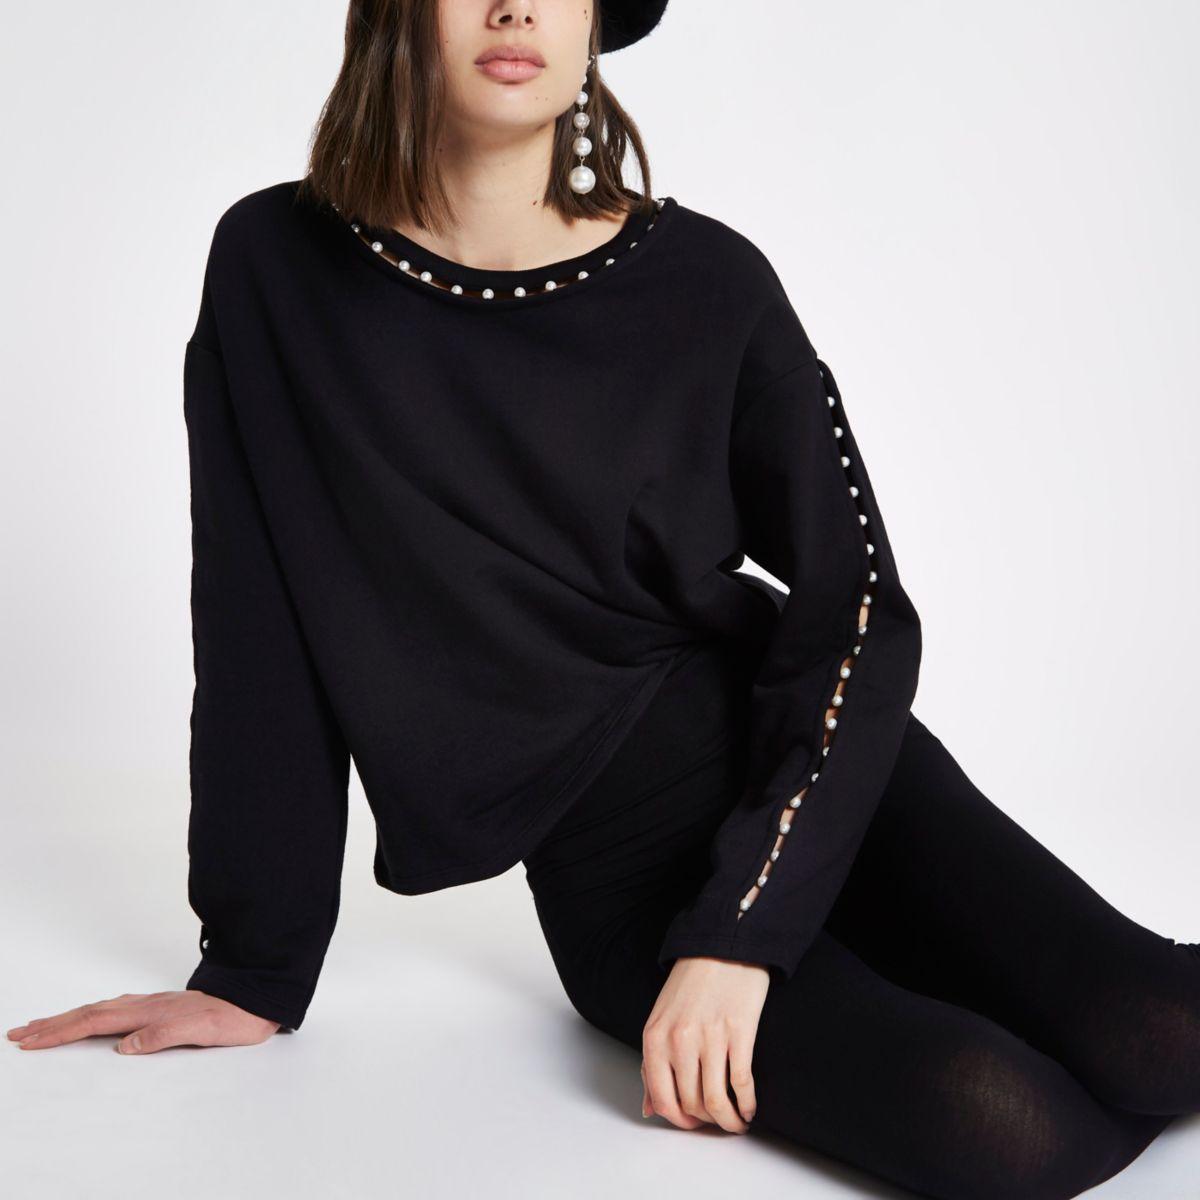 Schwarzes Sweatshirt mit Kunstperlen